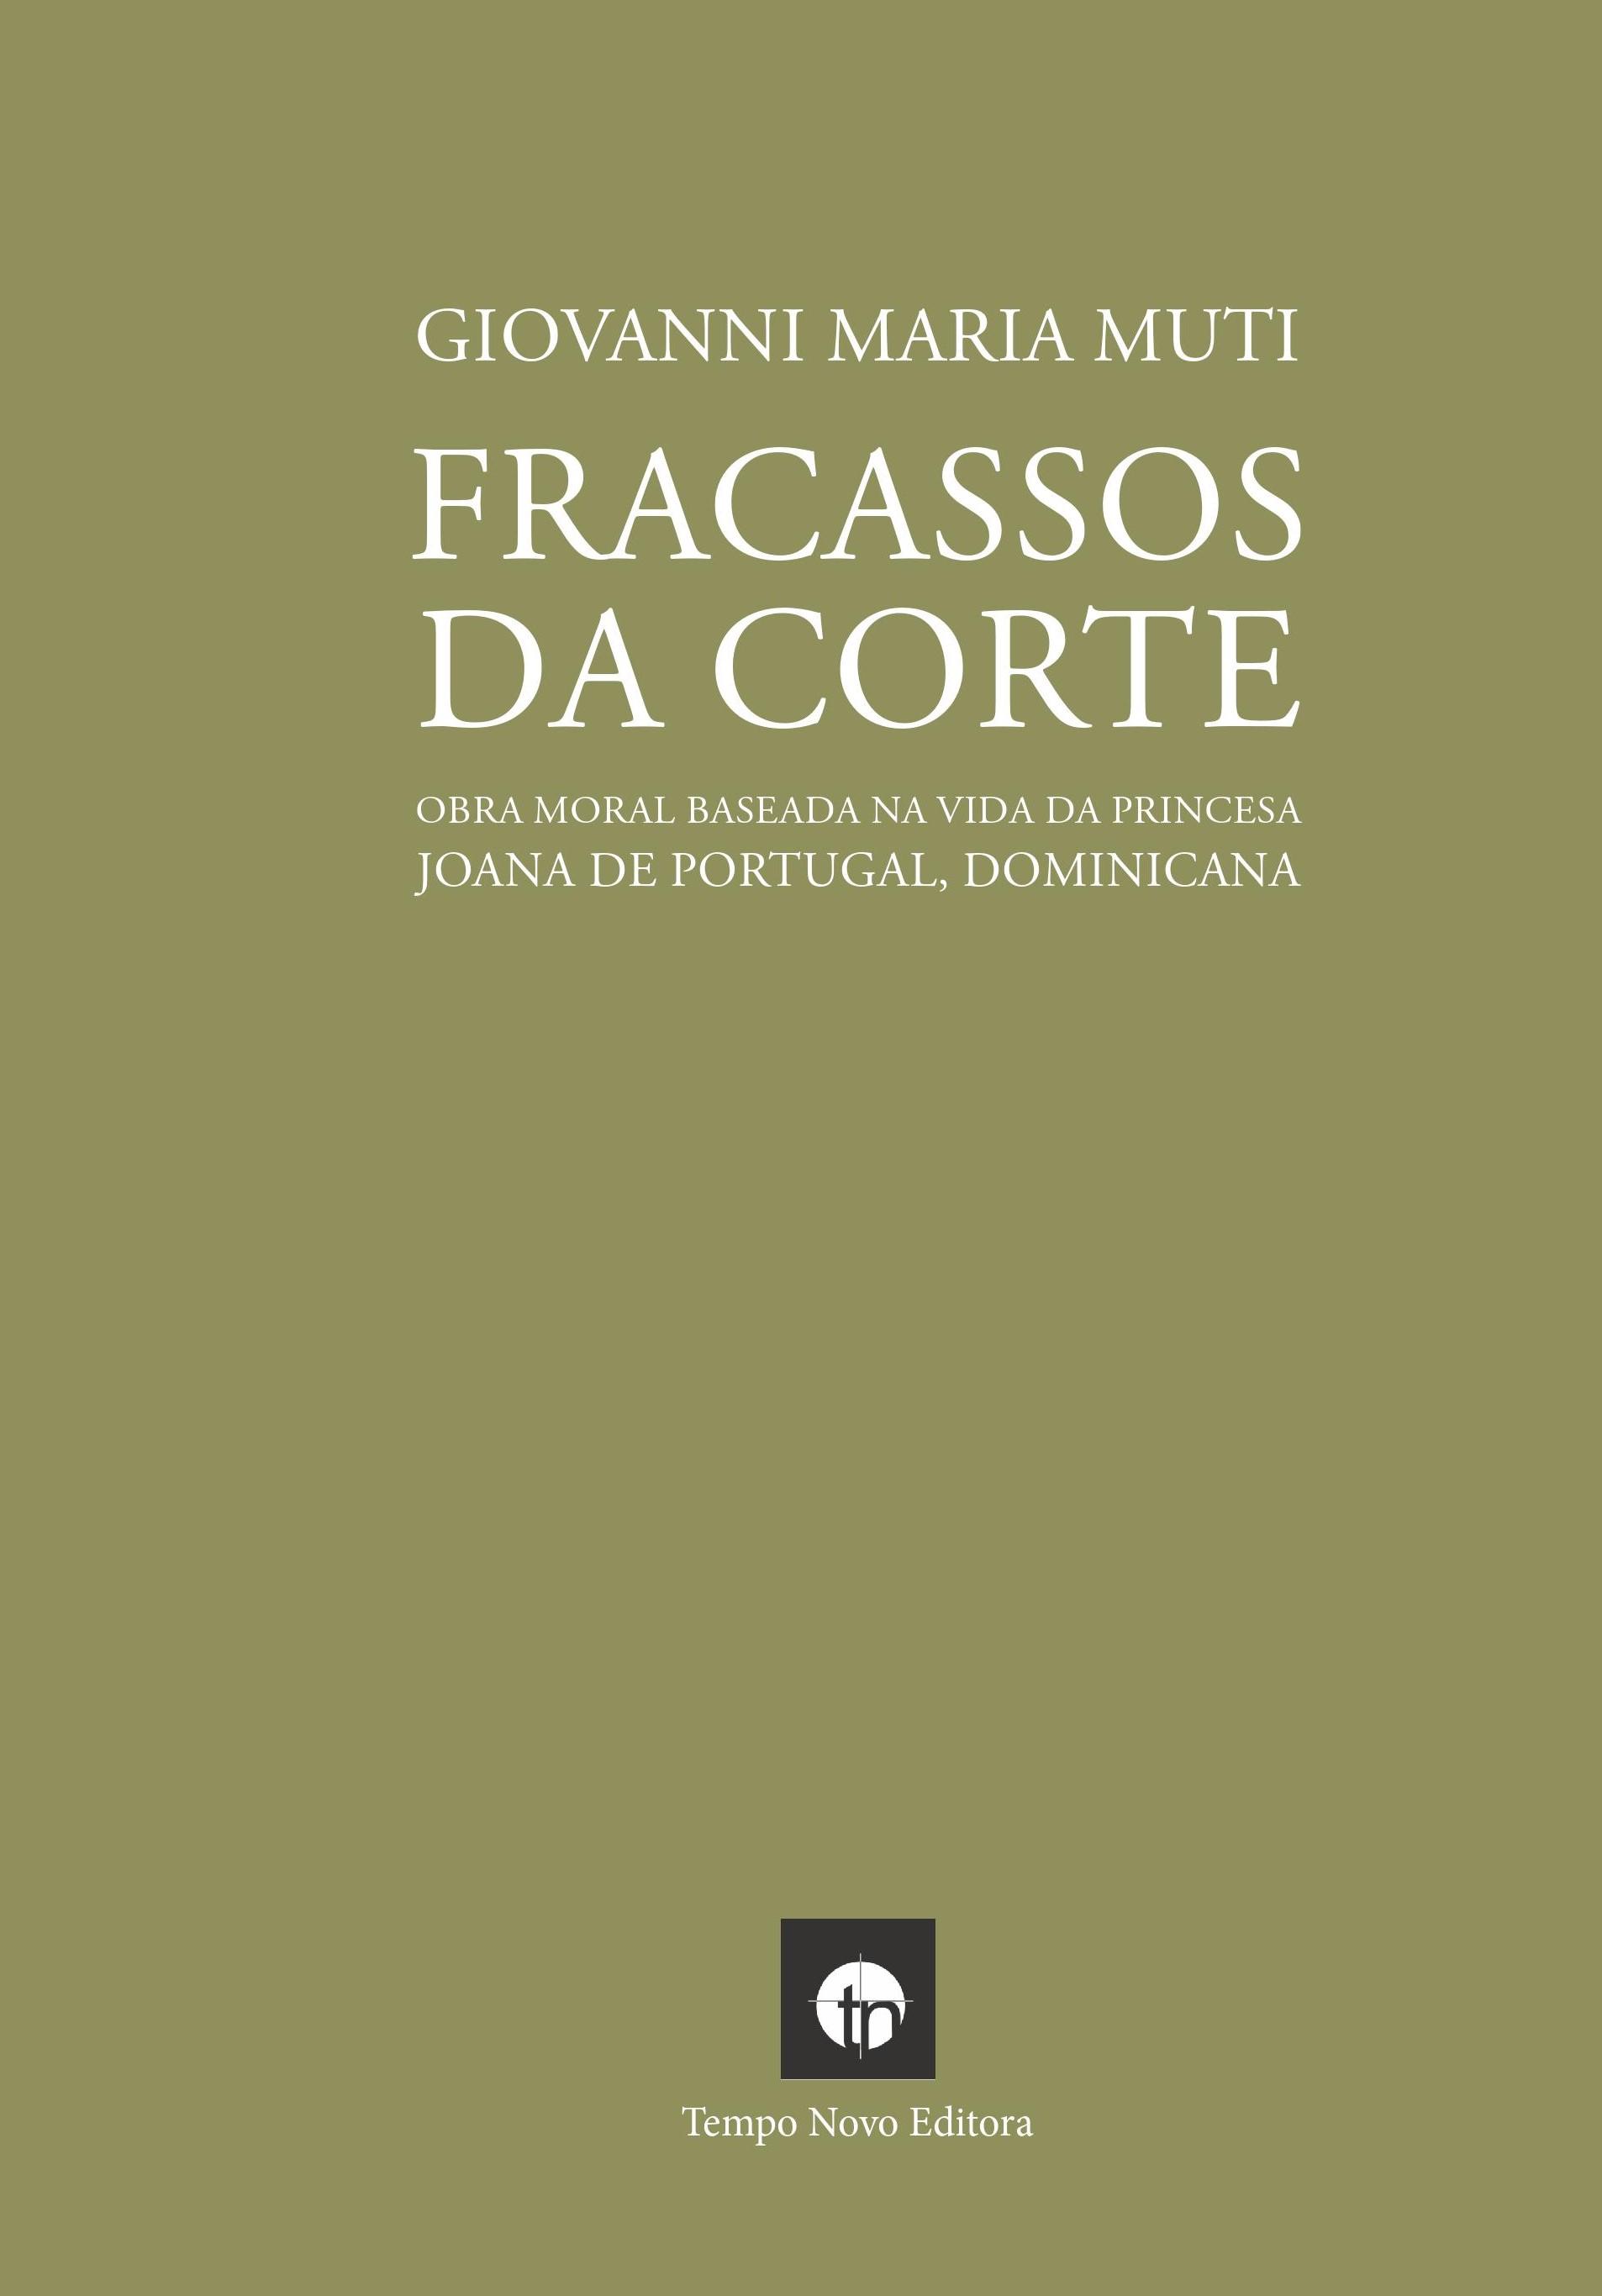 Livro: Fracassos da Corte (obra desconhecida e inédita, sendo Santa Joana a protagonista)